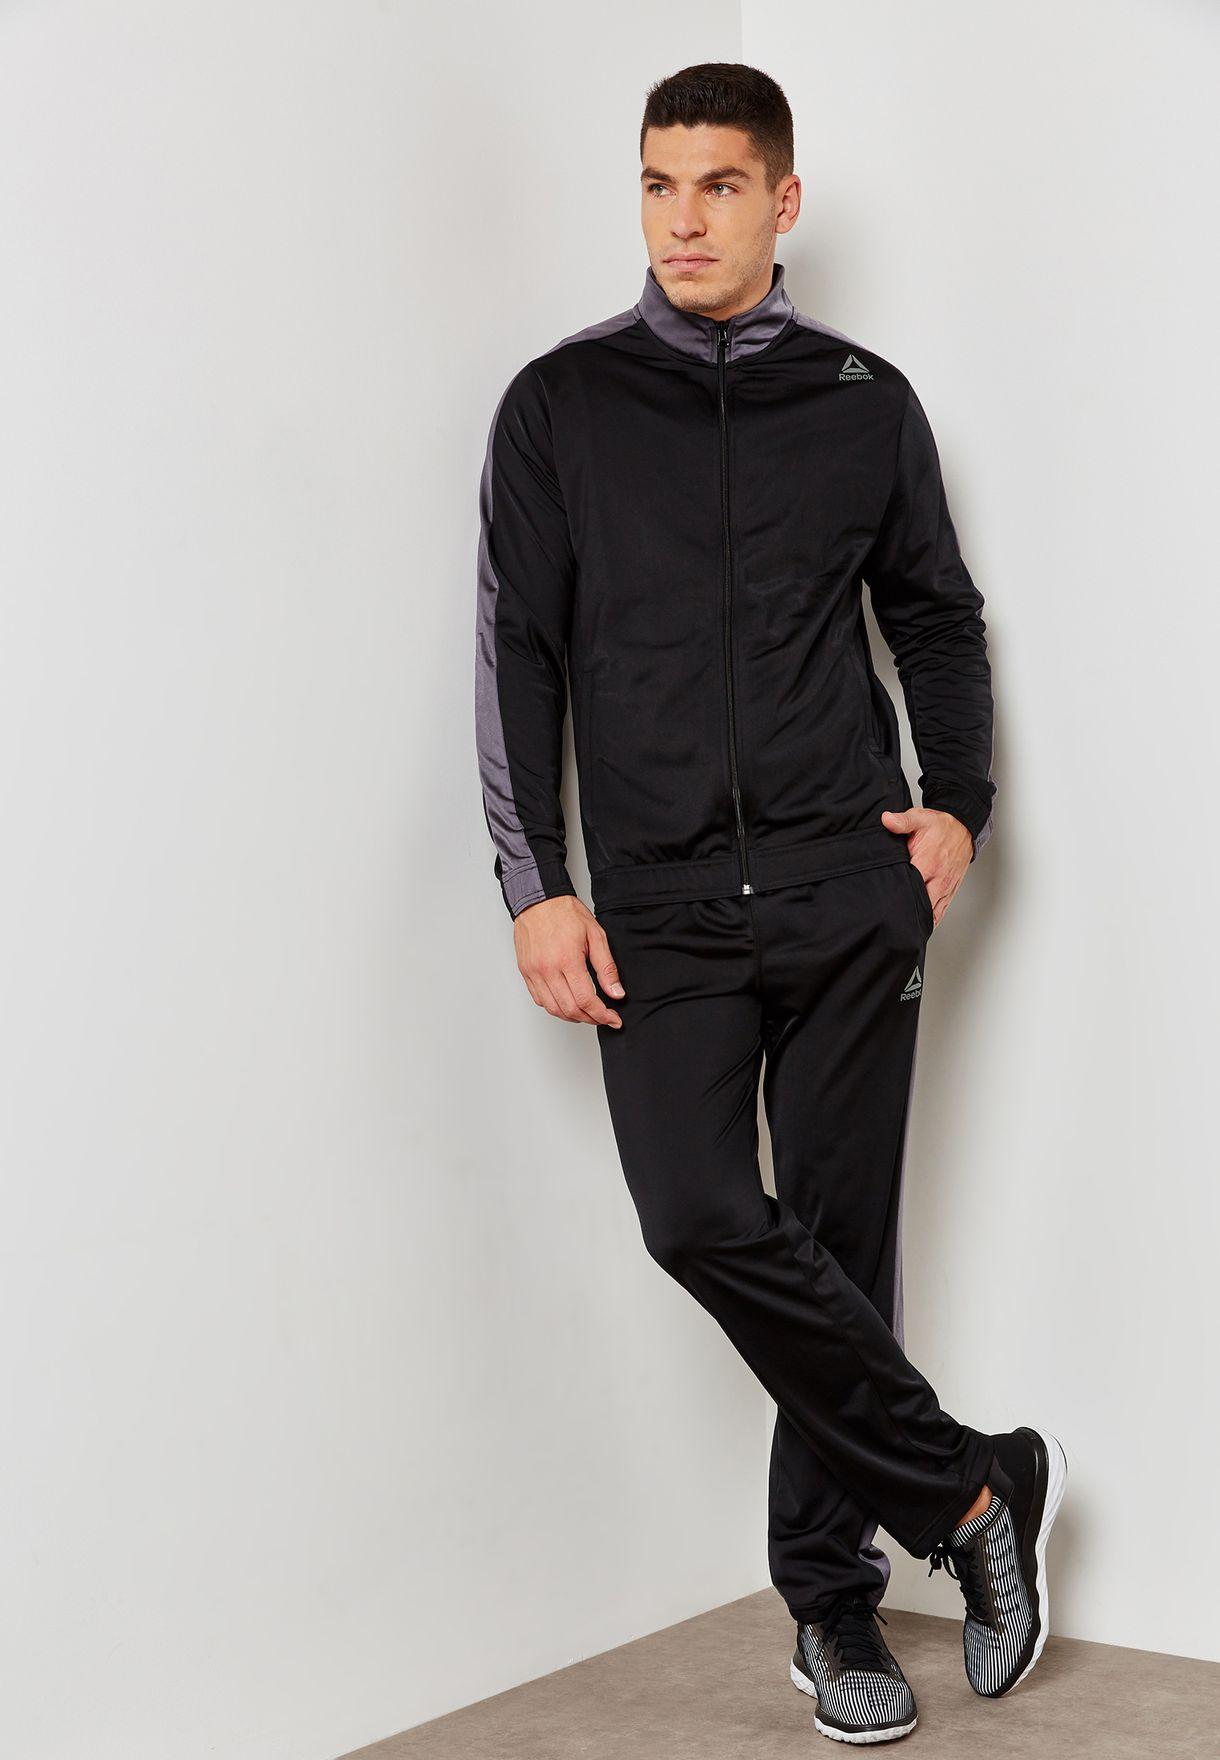 d9f30bba3 Shop Reebok black Tricot Tracksuit D94276 for Men in UAE - RE019AT96YPR